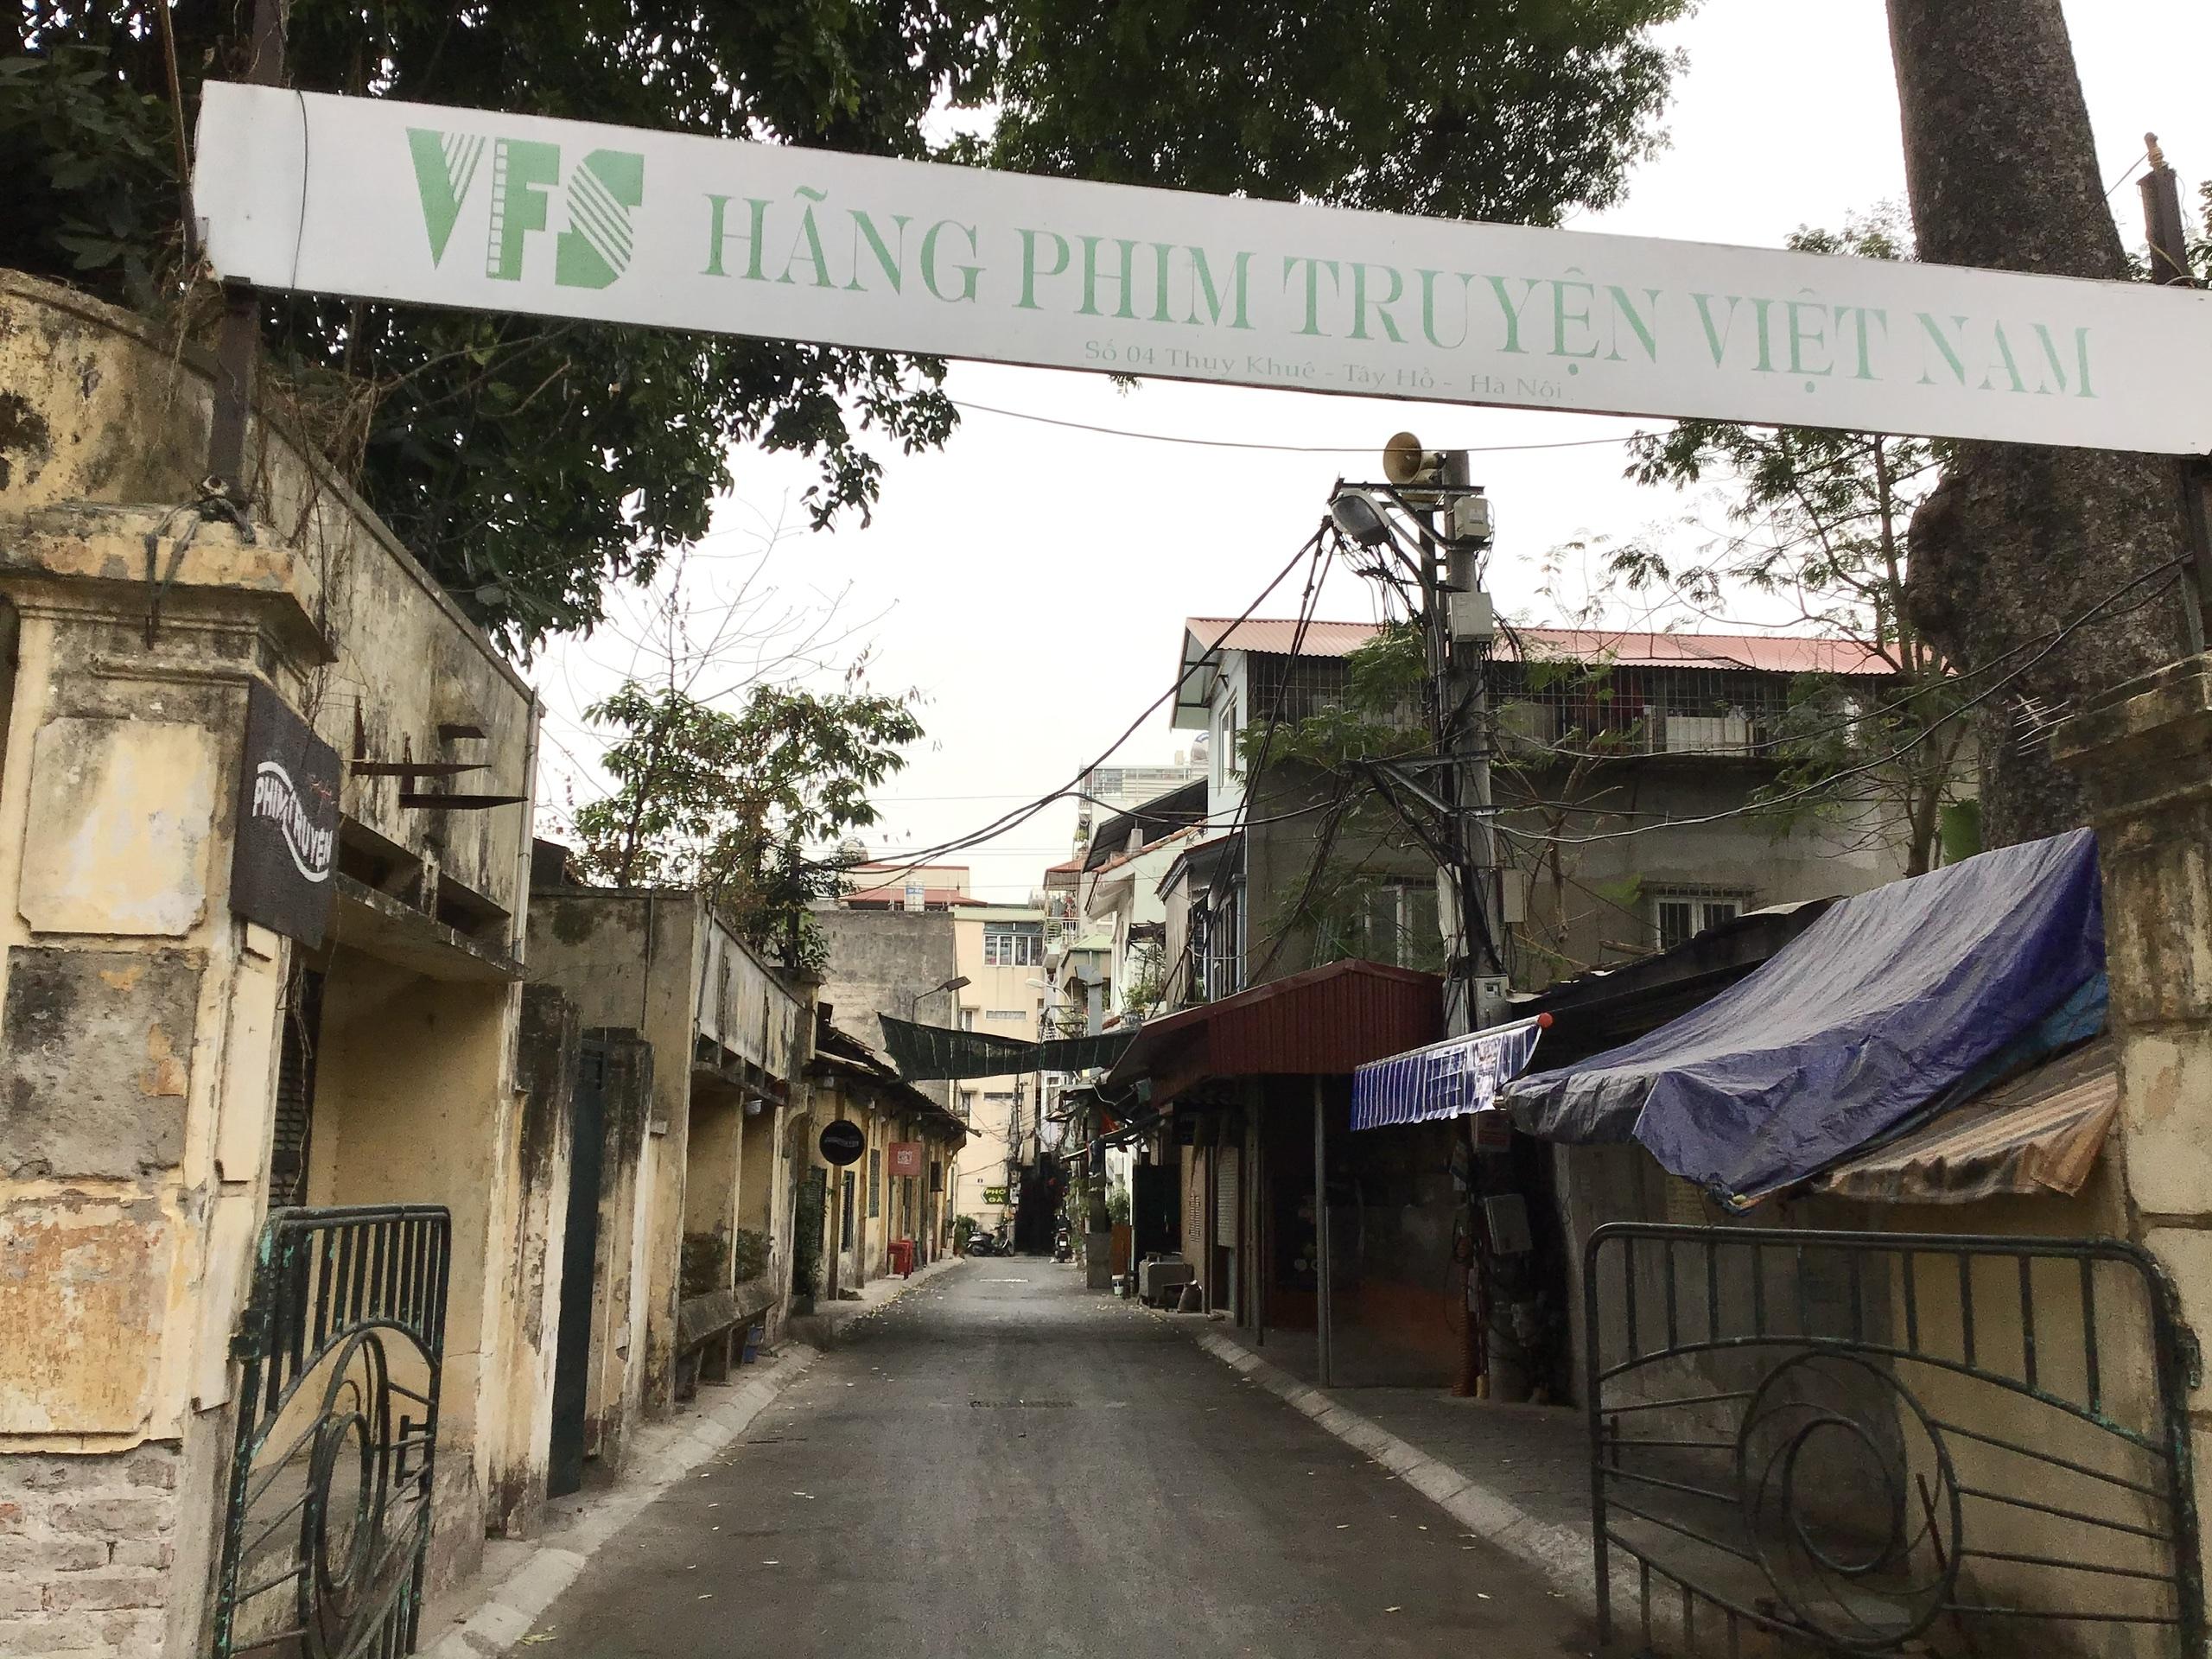 Ba khu đất dính quy hoạch tại phường Thụy Khuê, quận Tây Hồ, Hà Nội - Ảnh 12.